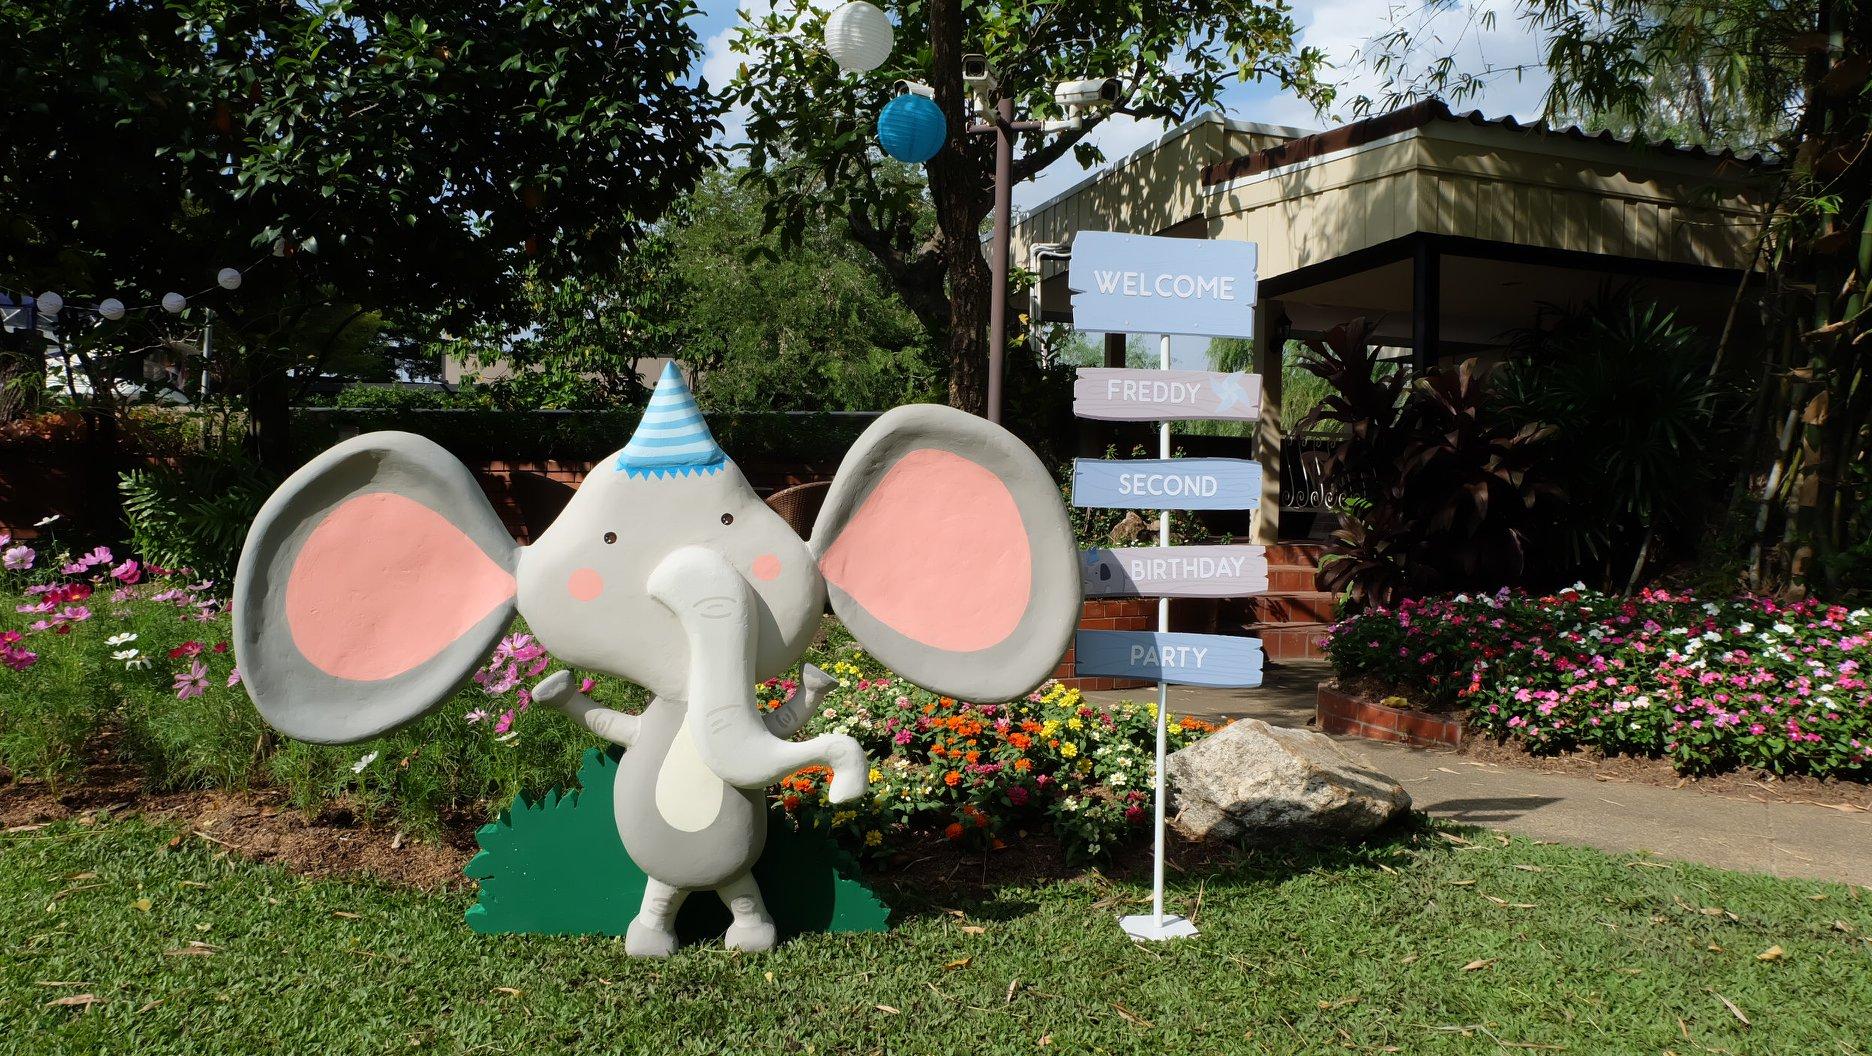 บริการรับจัดงานวันเกิด จัดปาร์ตี้ ตกแต่งงานวันเกิดในธีมช้าง เน้นโทนสีฟ้า น่ารักสุดๆ ทั้งแบคดรอป โต๊ะเค้ก เค้กวันเกิด และขนมตามธีมงาน